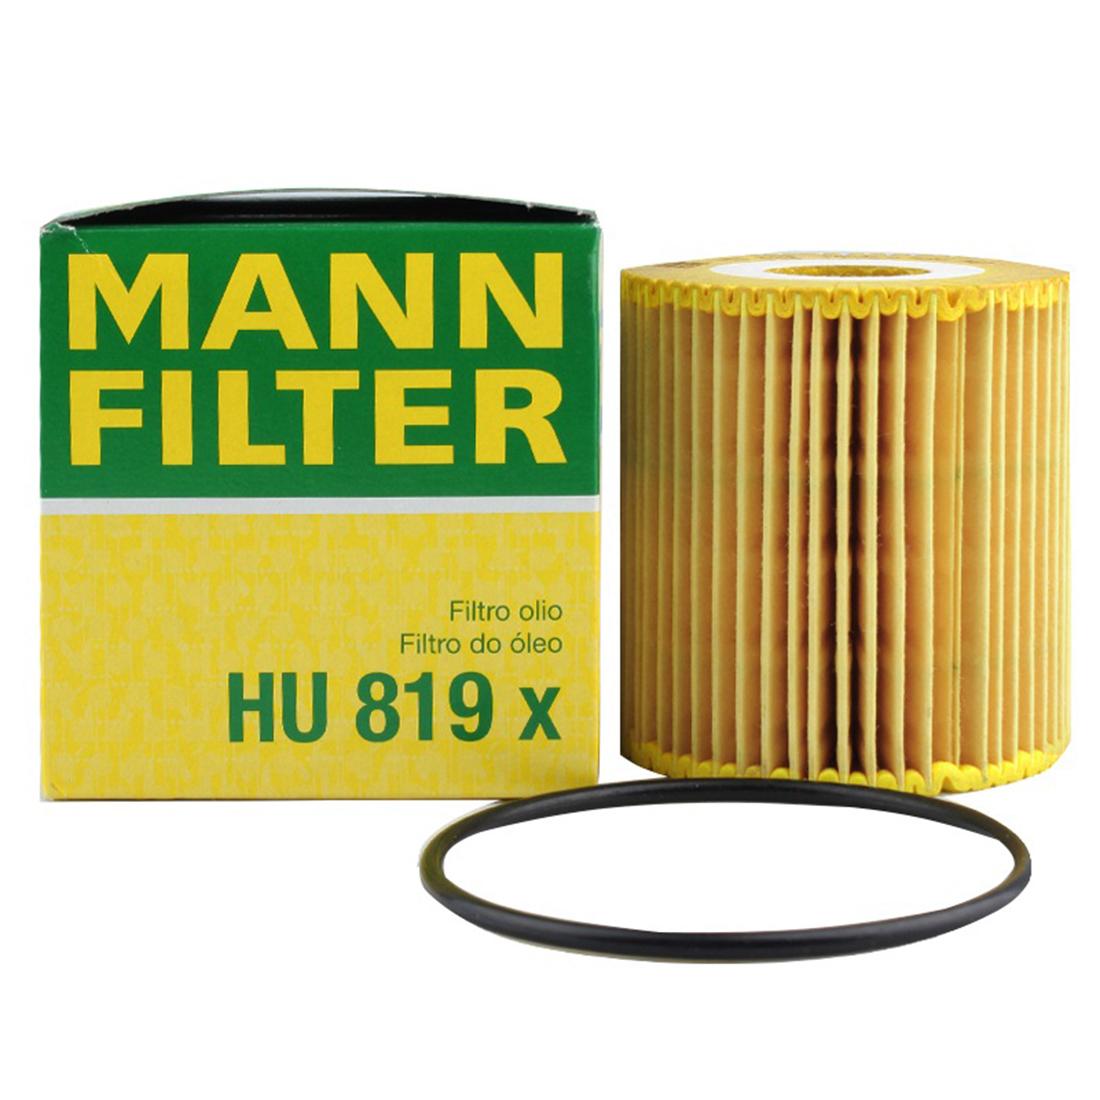 Details about Original HU 819 X Mann Engine Oil Filter For 1999-2009 Volvo  V70 S80 C70 1275810